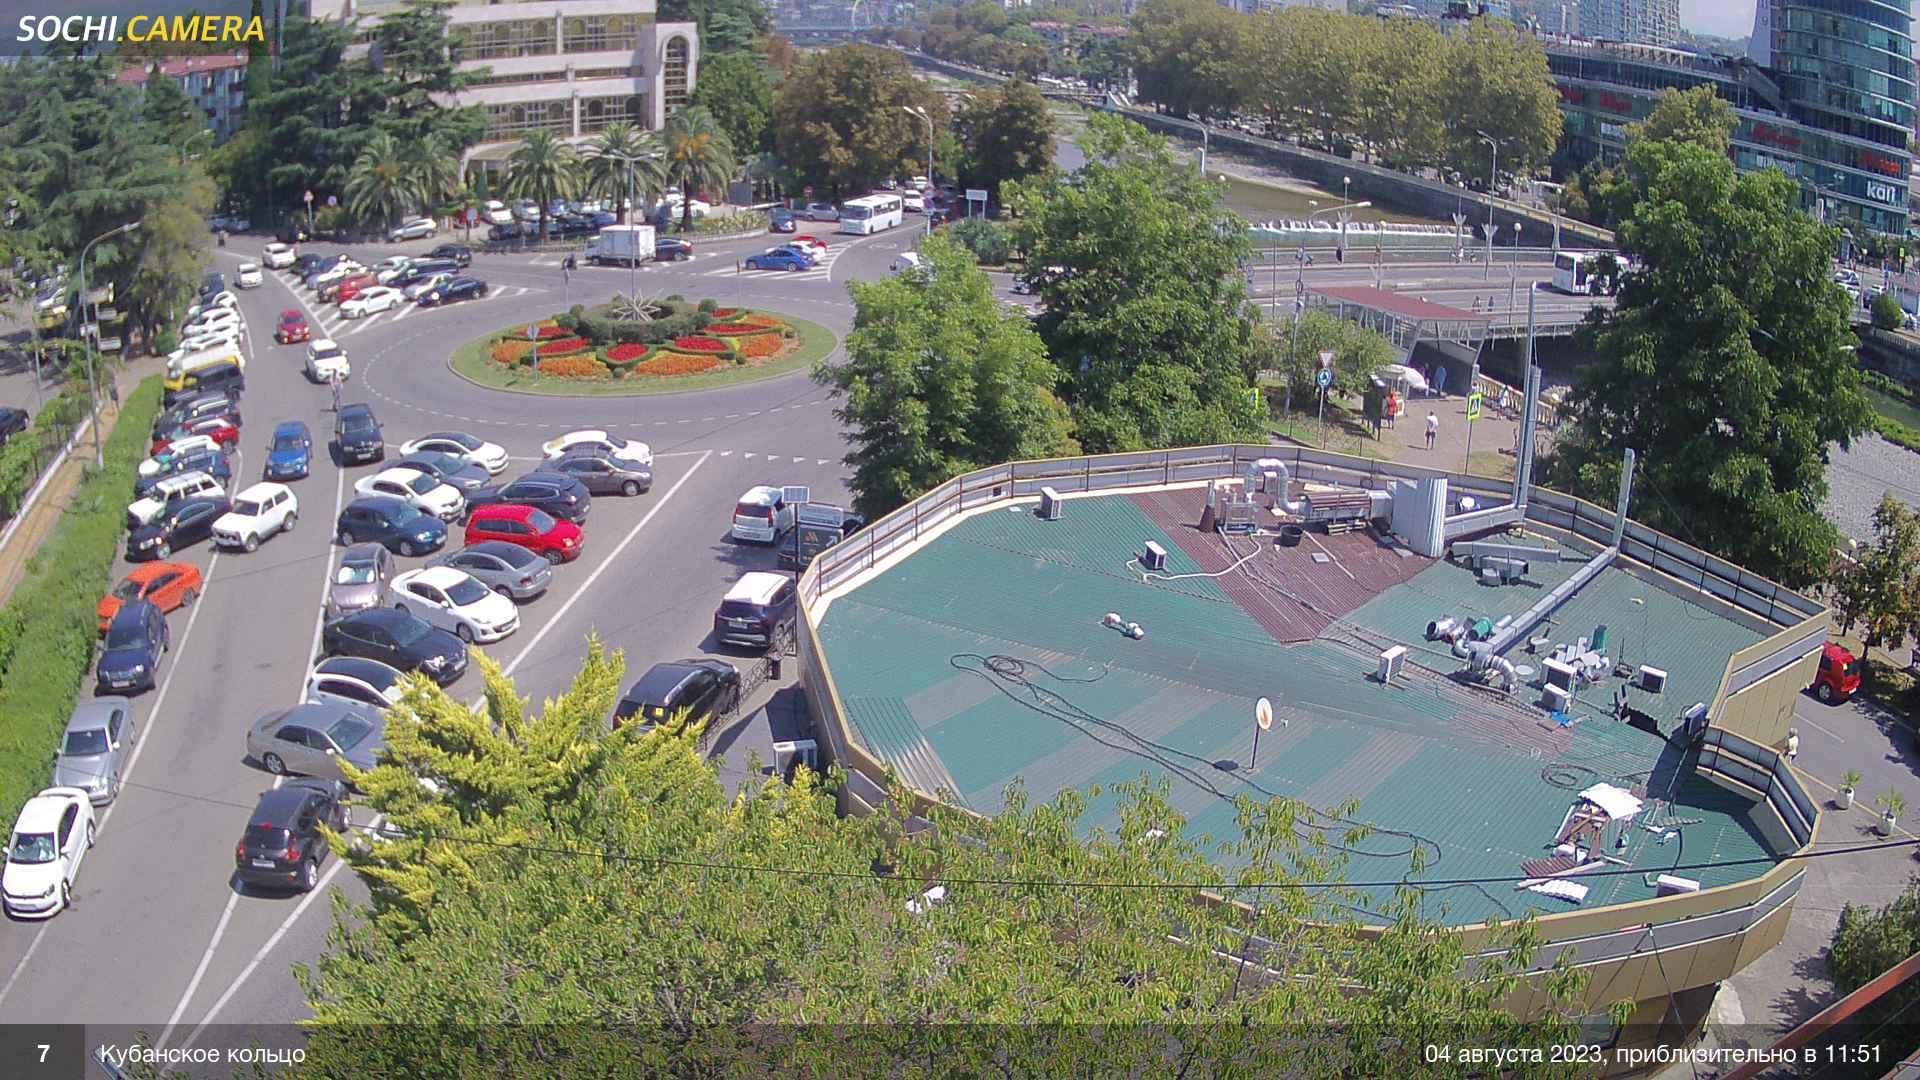 Webkamera Sochi: Кубанское кольцо г